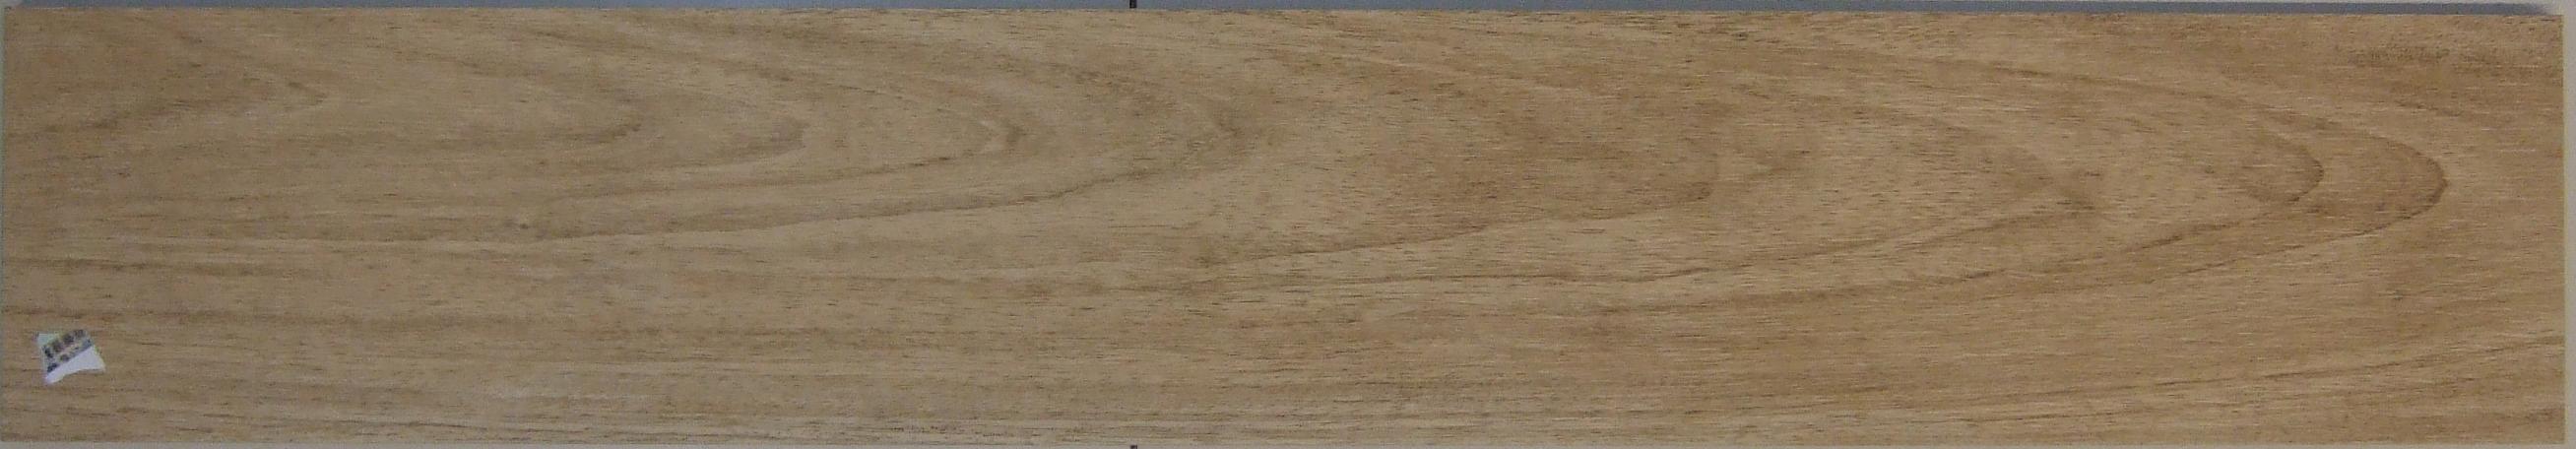 กระเบื้องลายไม้ 15x90 cm รุ่น VHF-07002